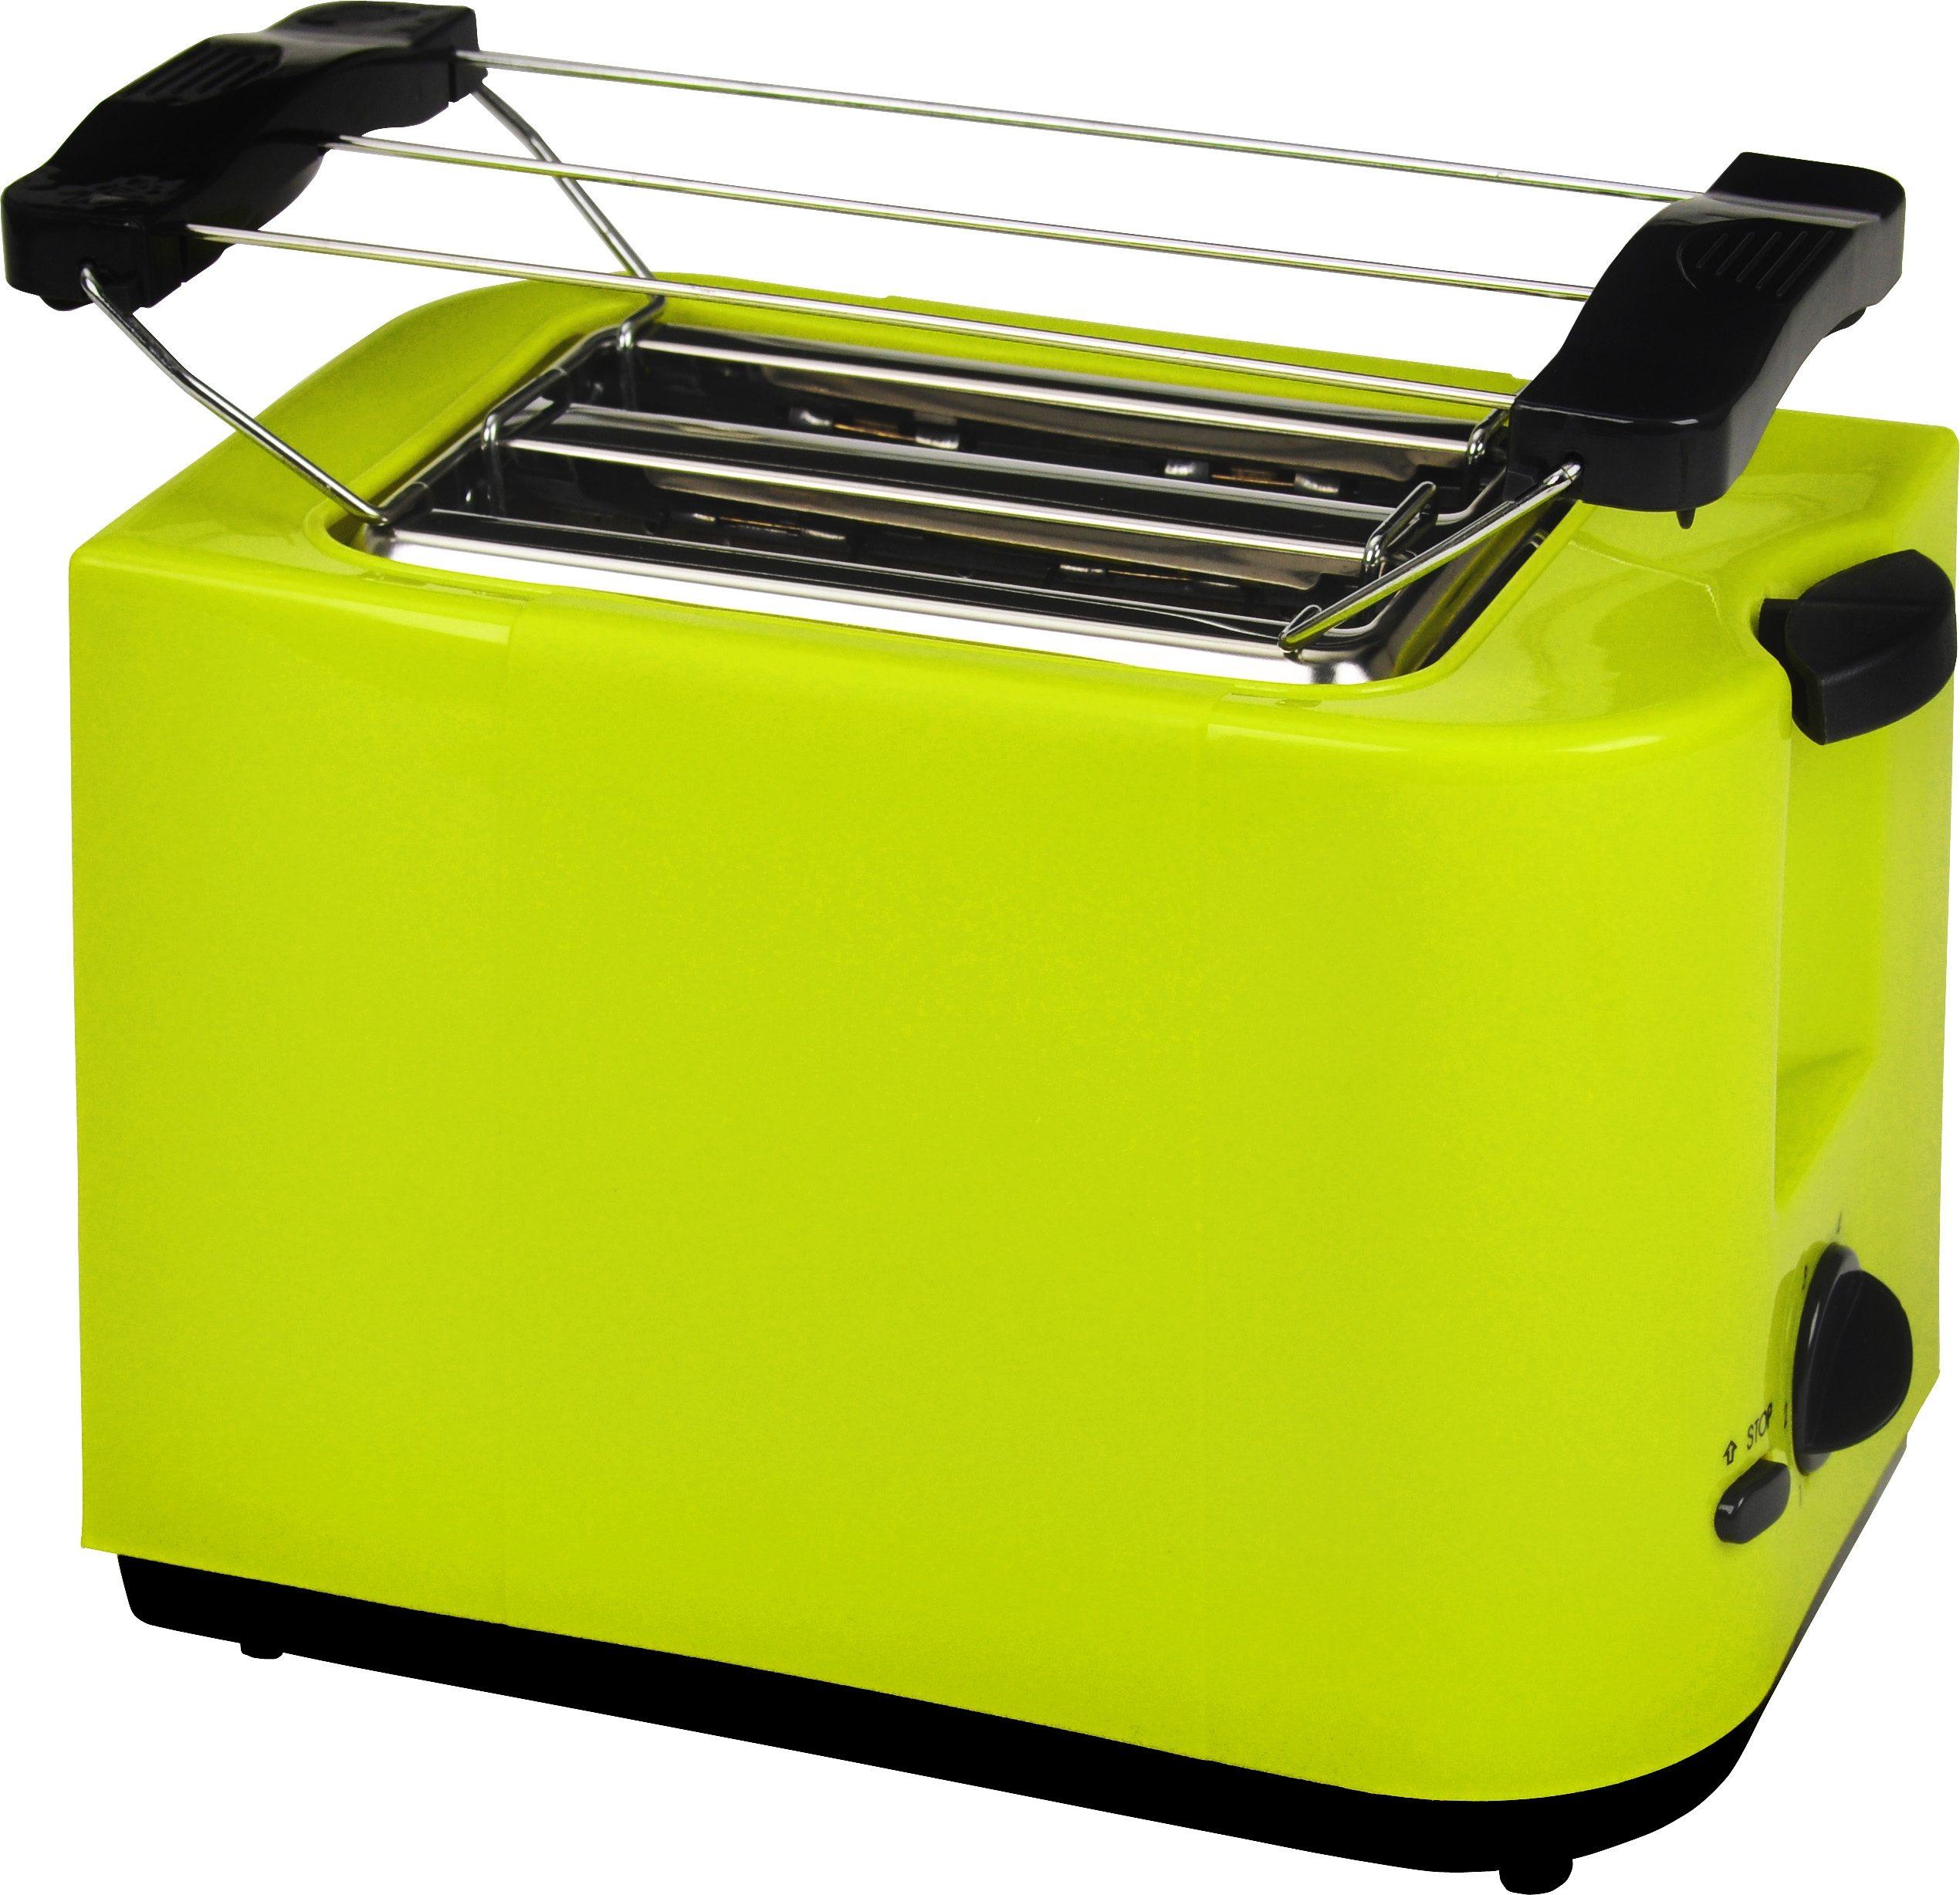 Efbe Schott Toaster SC TO 5000 LEMONE, für 2 Scheiben, 700 Watt